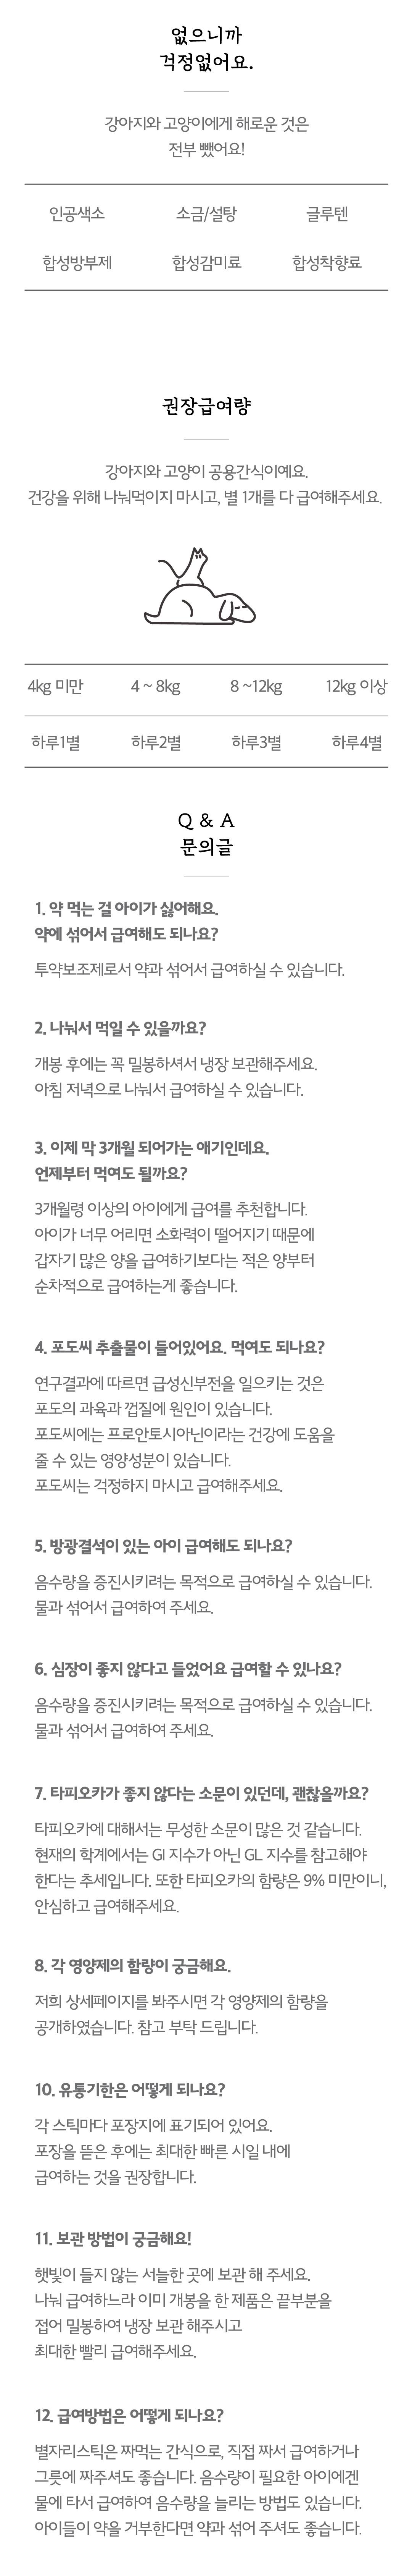 마이베프 별자리스틱 심장/눈/관절/멀티비타민 (15g*4p)-상품이미지-8